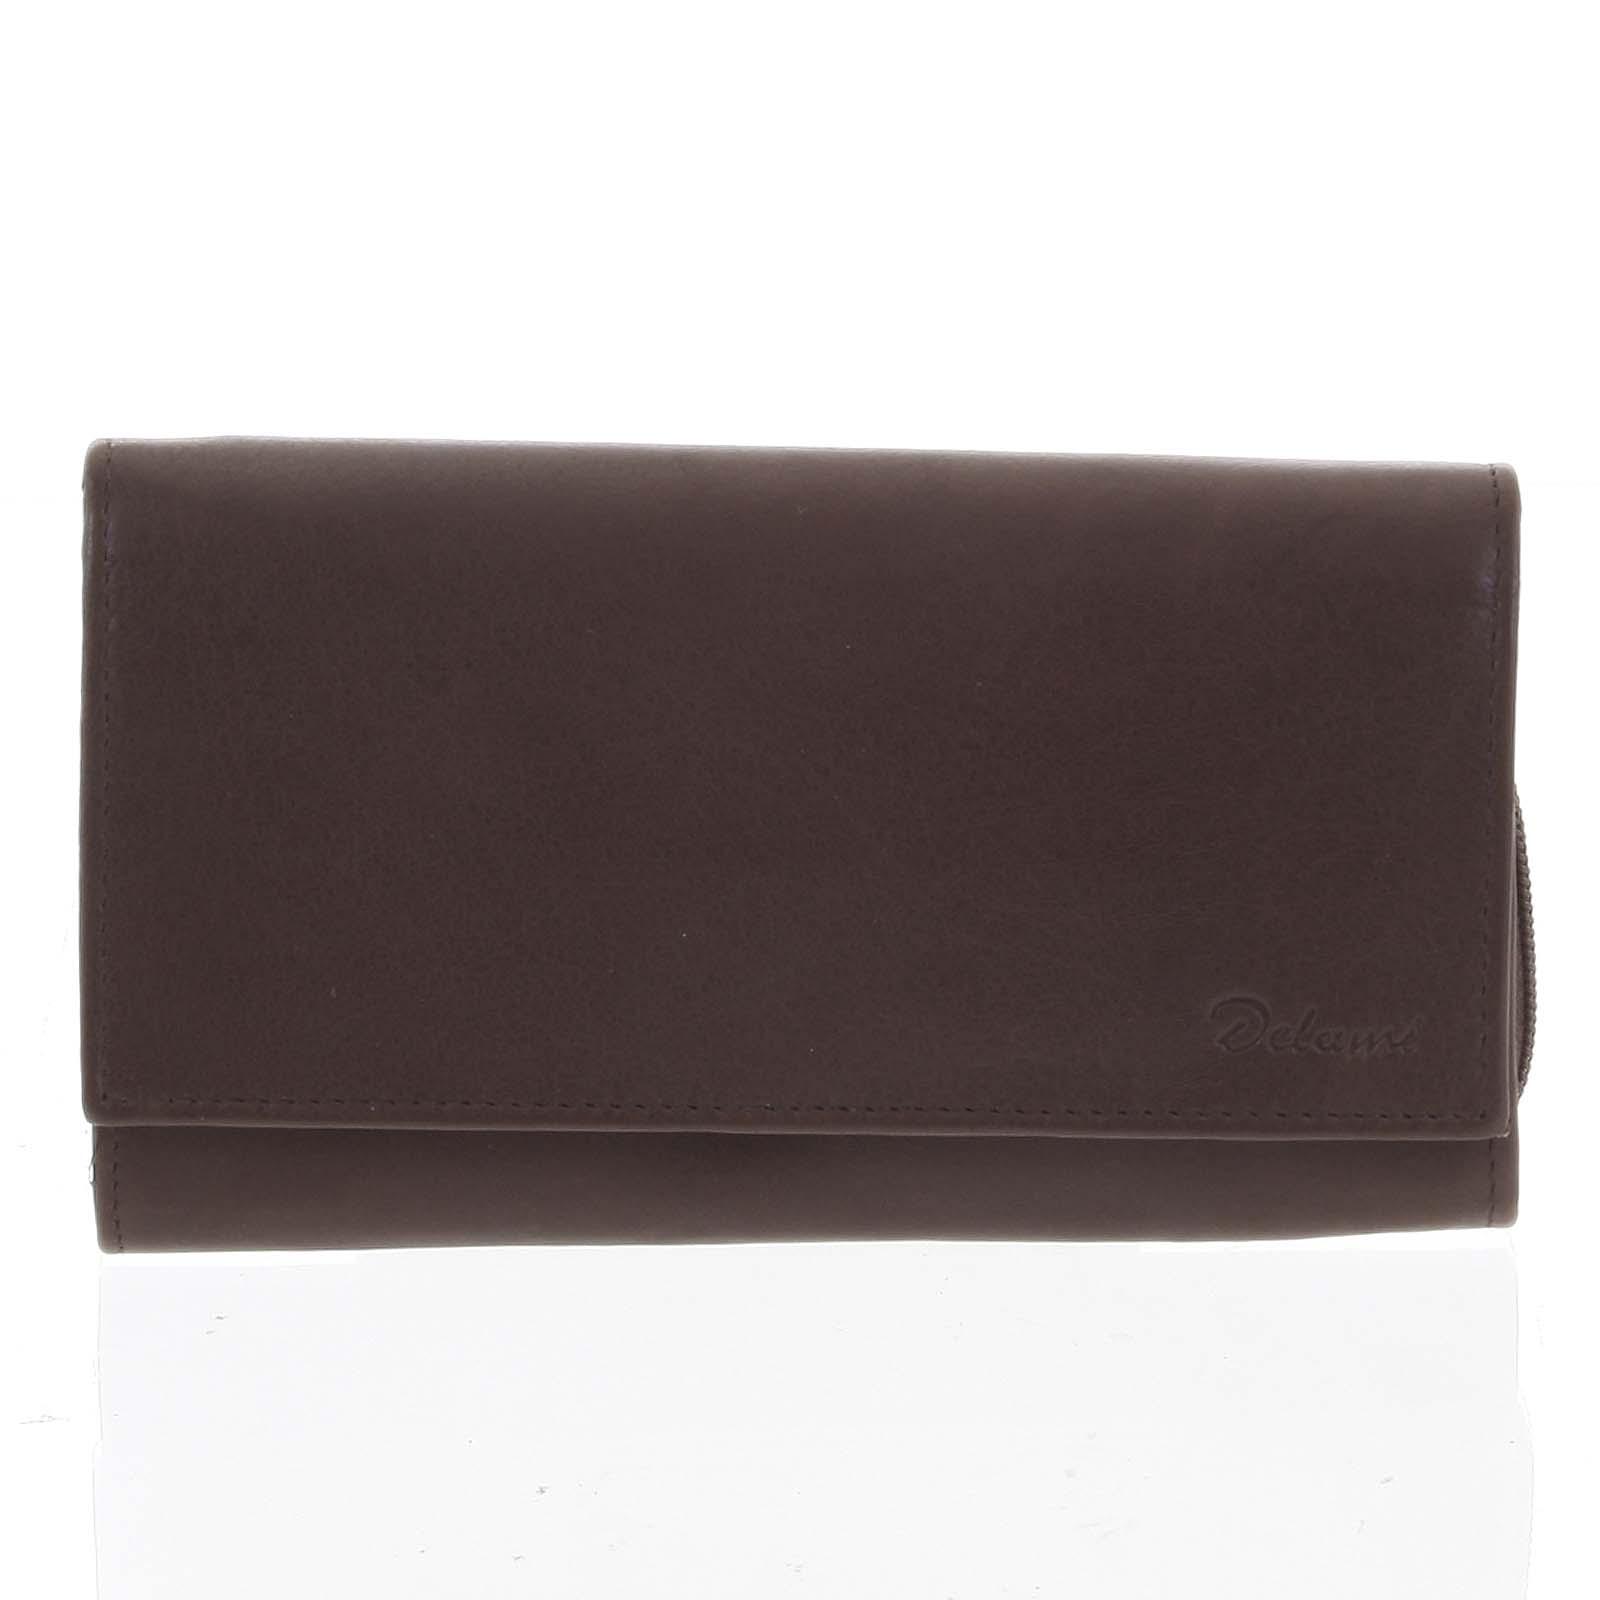 Štýlová hnedá dámska peňaženka - Delami VIPP